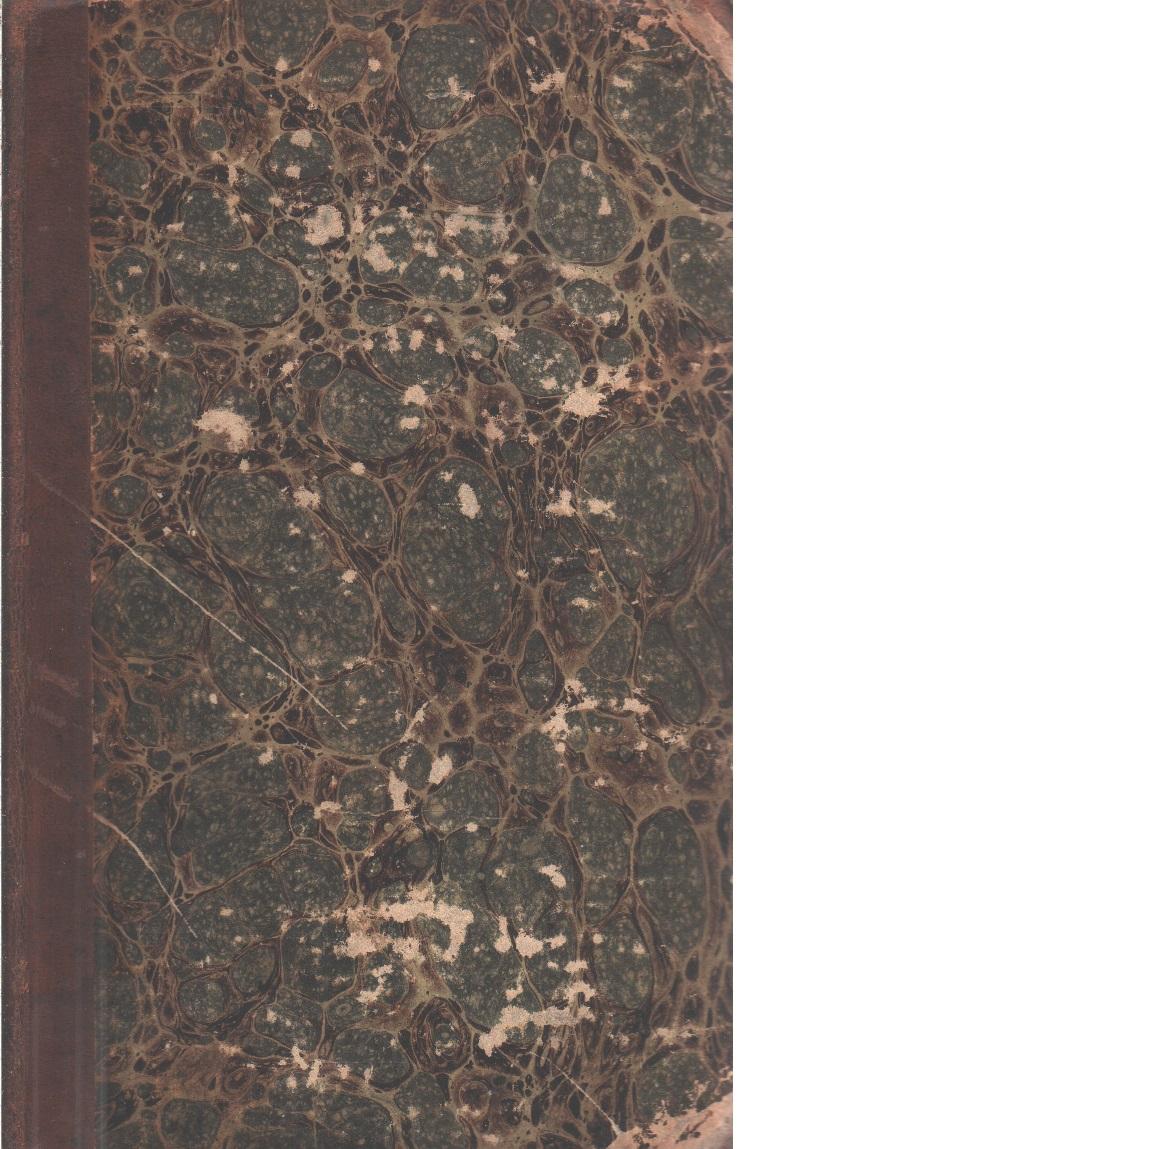 Oorganiska chemien, i sammandrag  - Wöhler, Friedrich